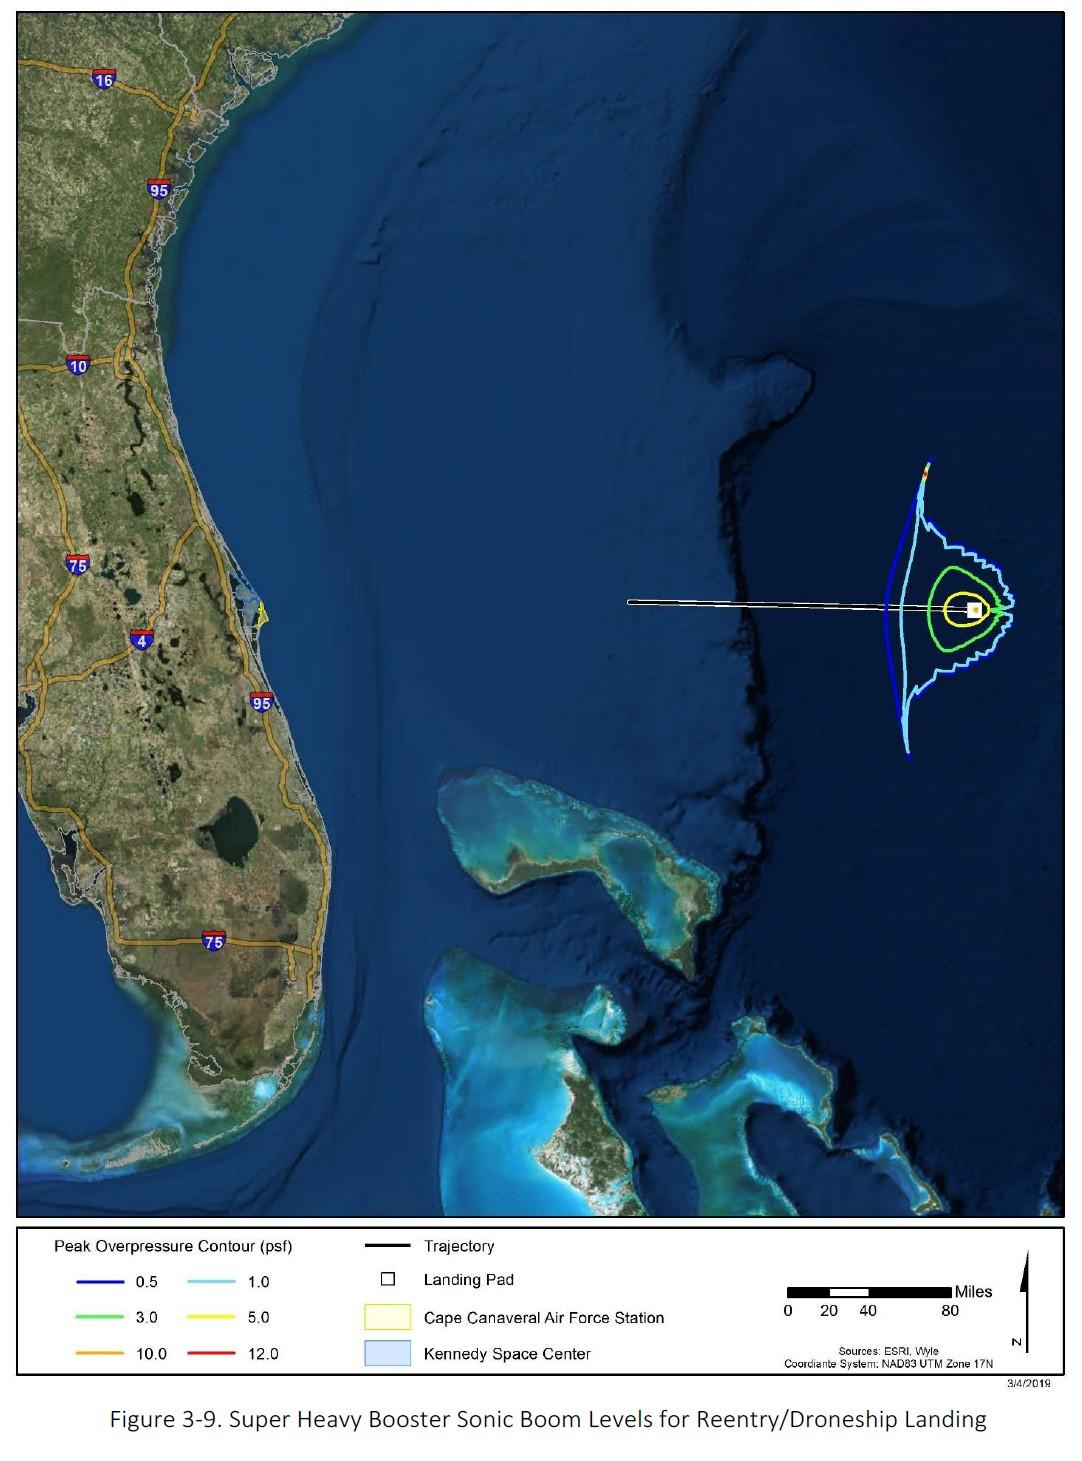 НАСА опубликовало предварительный отчёт экологической экспертизы о запуске SpaceX Starship с мыса Канаверал - 4